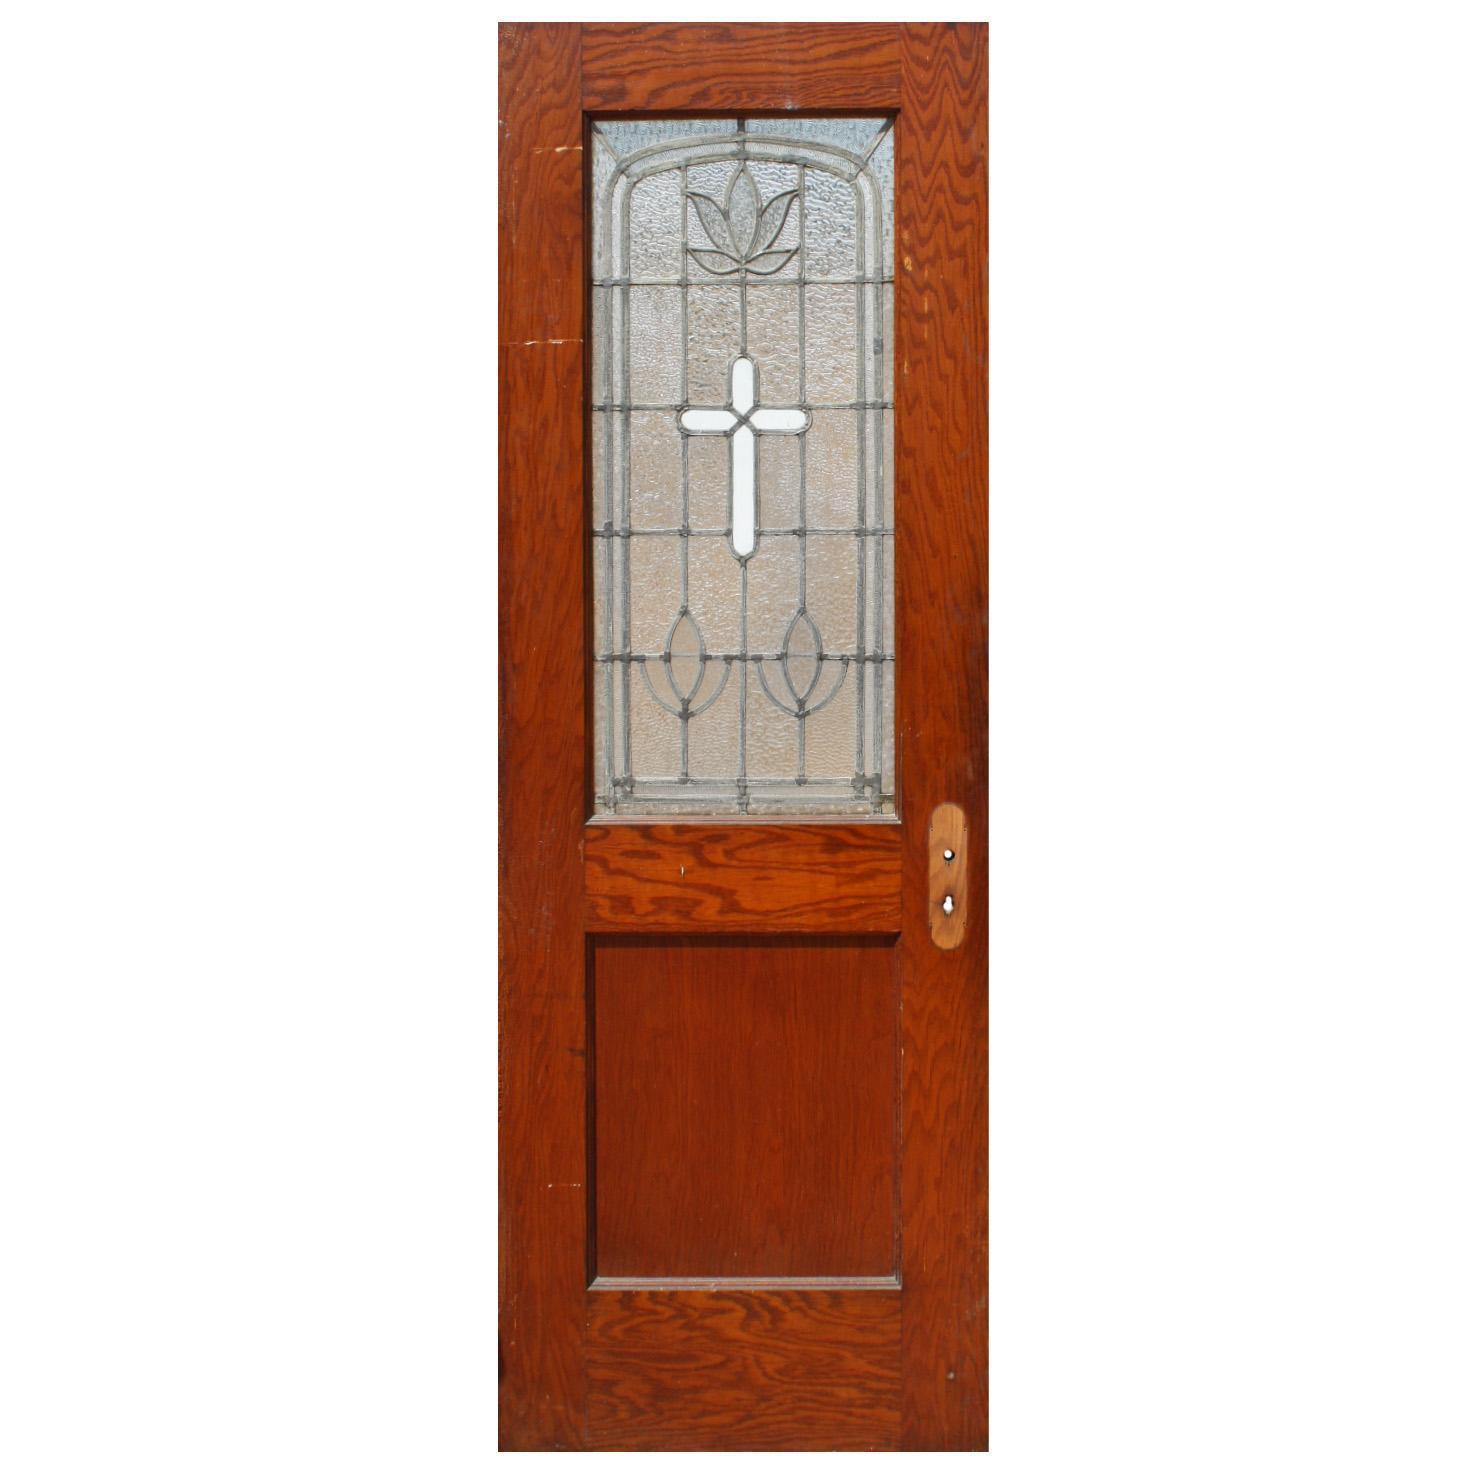 Salvaged Antique Leaded Glass Door with Cross, Oak